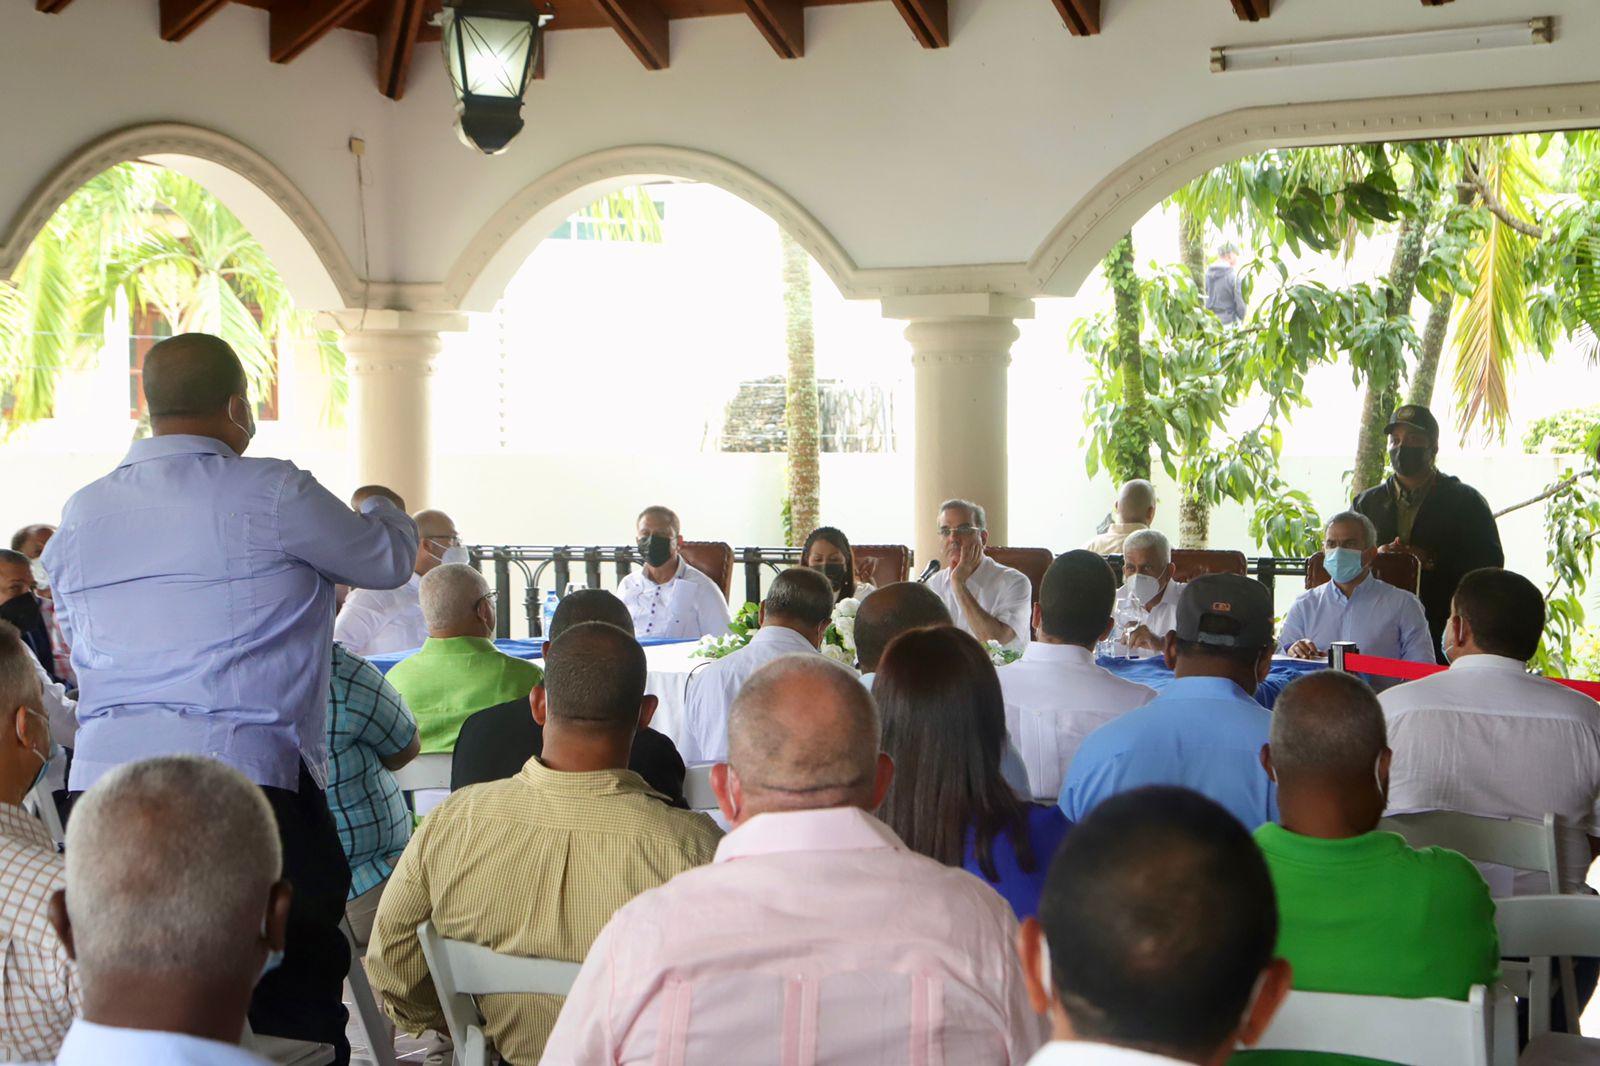 Posteriormente el presidente Abinader encabezó un encuentro con productores del sector agropecuario de la provincia Sánchez Ramírez.